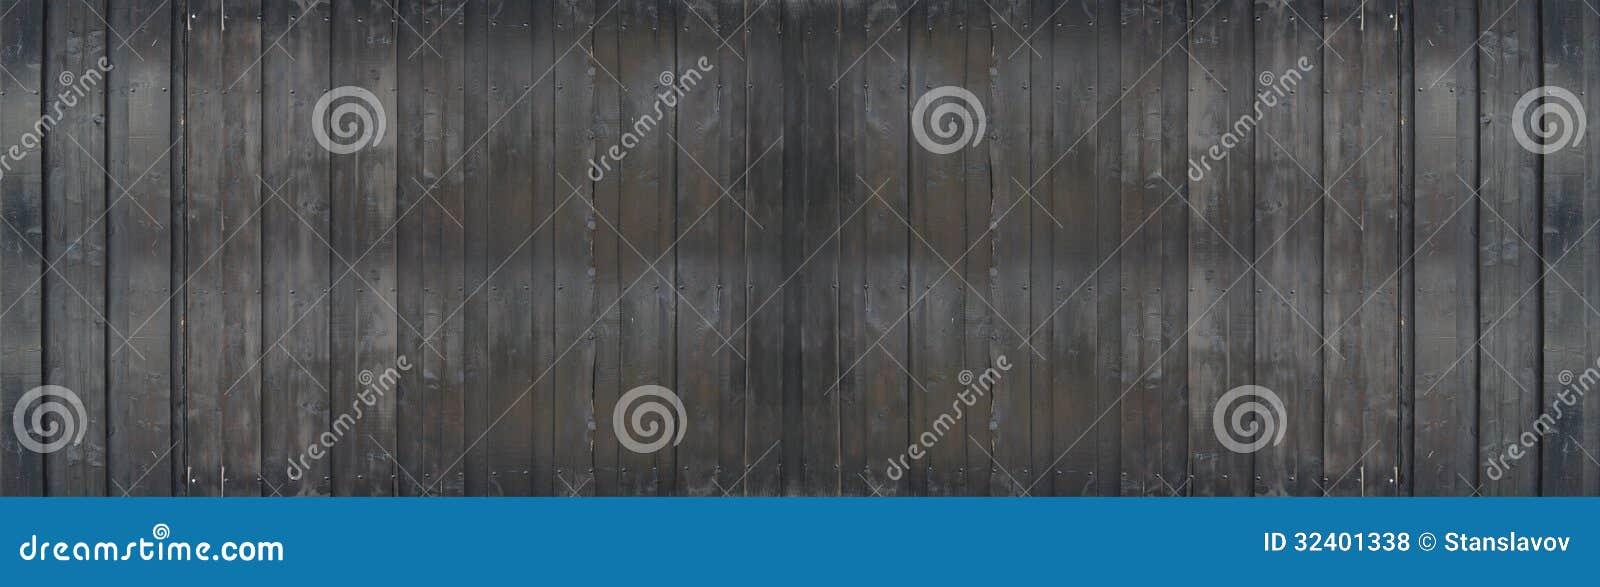 Strutture di legno scure